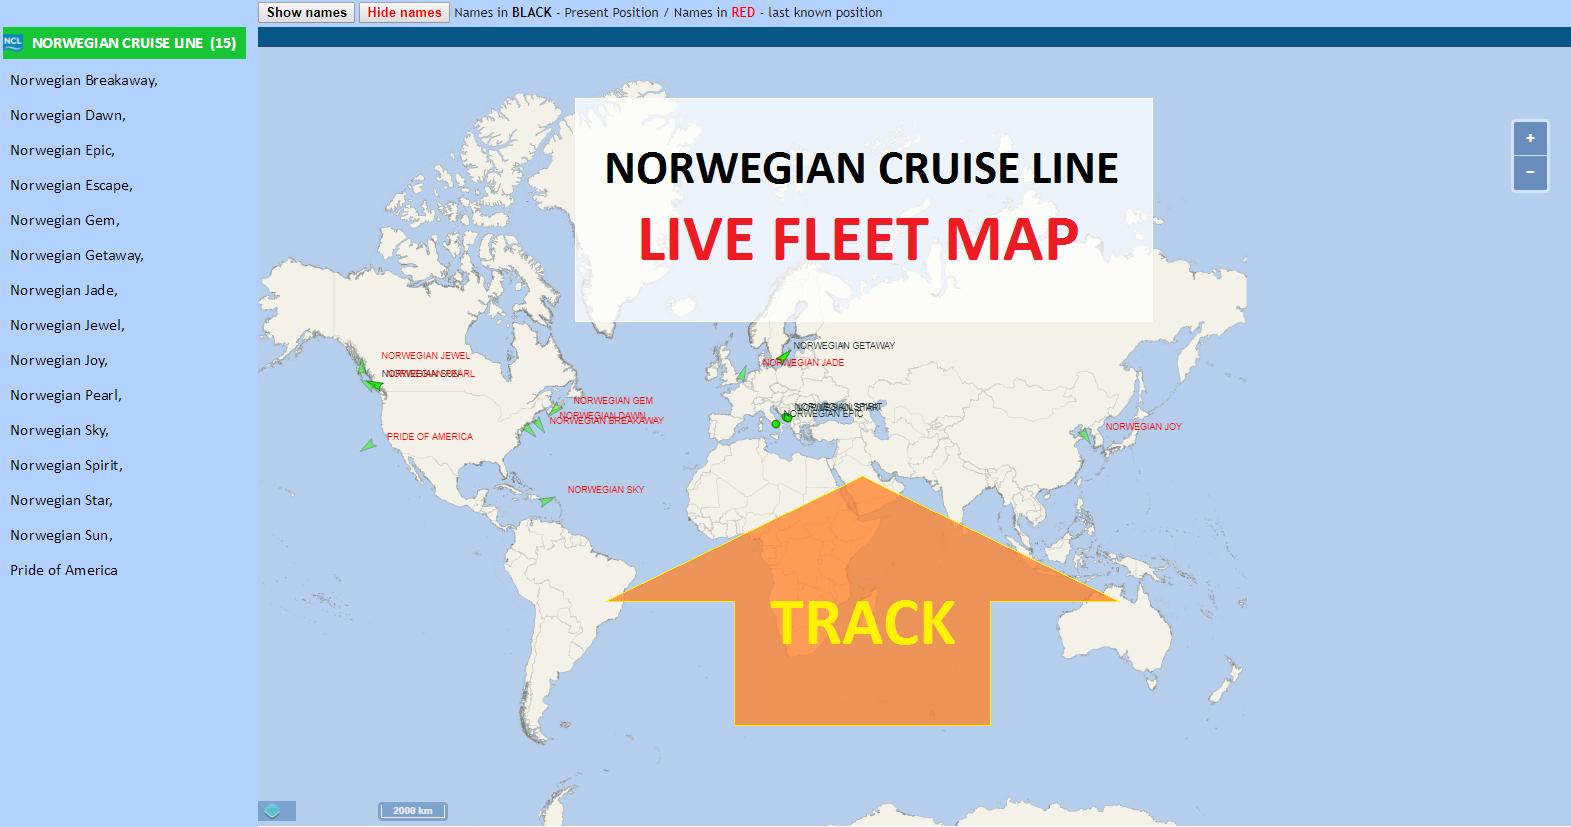 Norwegian Cruise Line Tracker